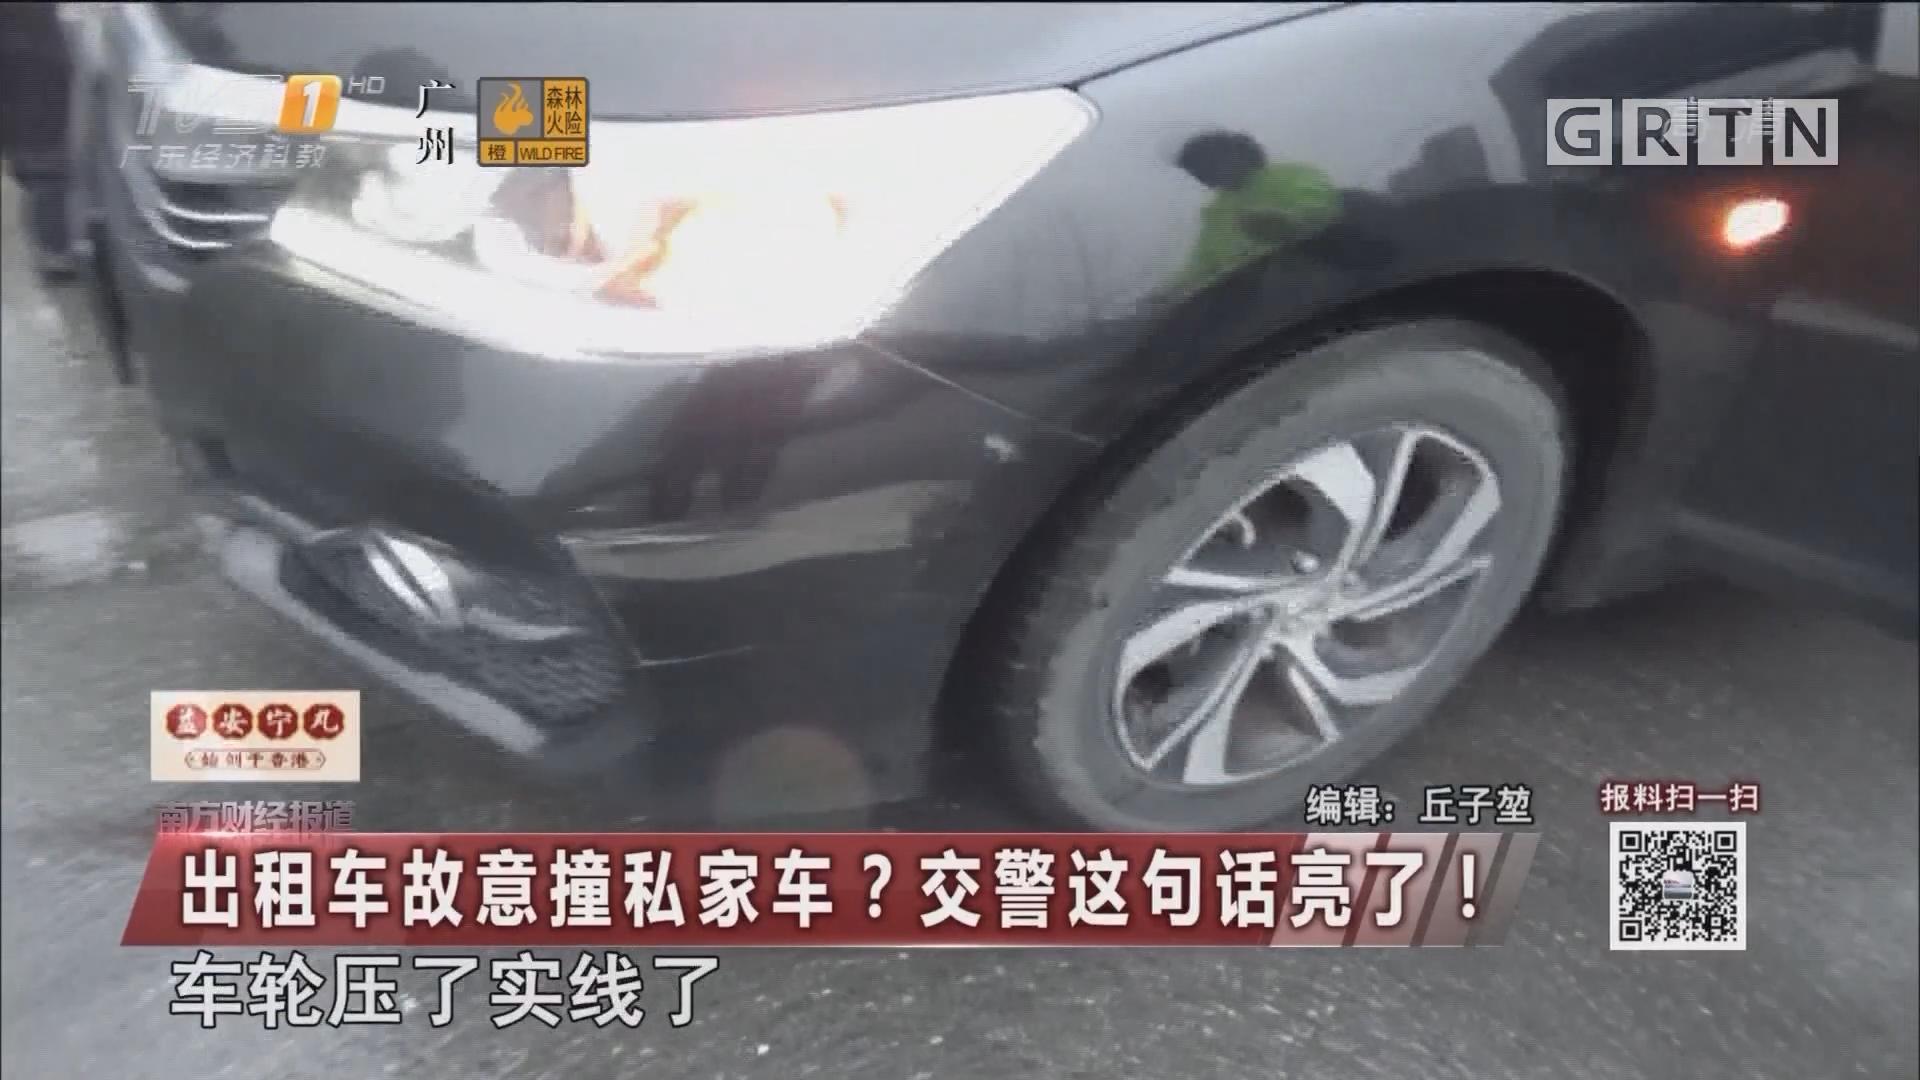 出租车故意撞私家车?交警这句话亮了!